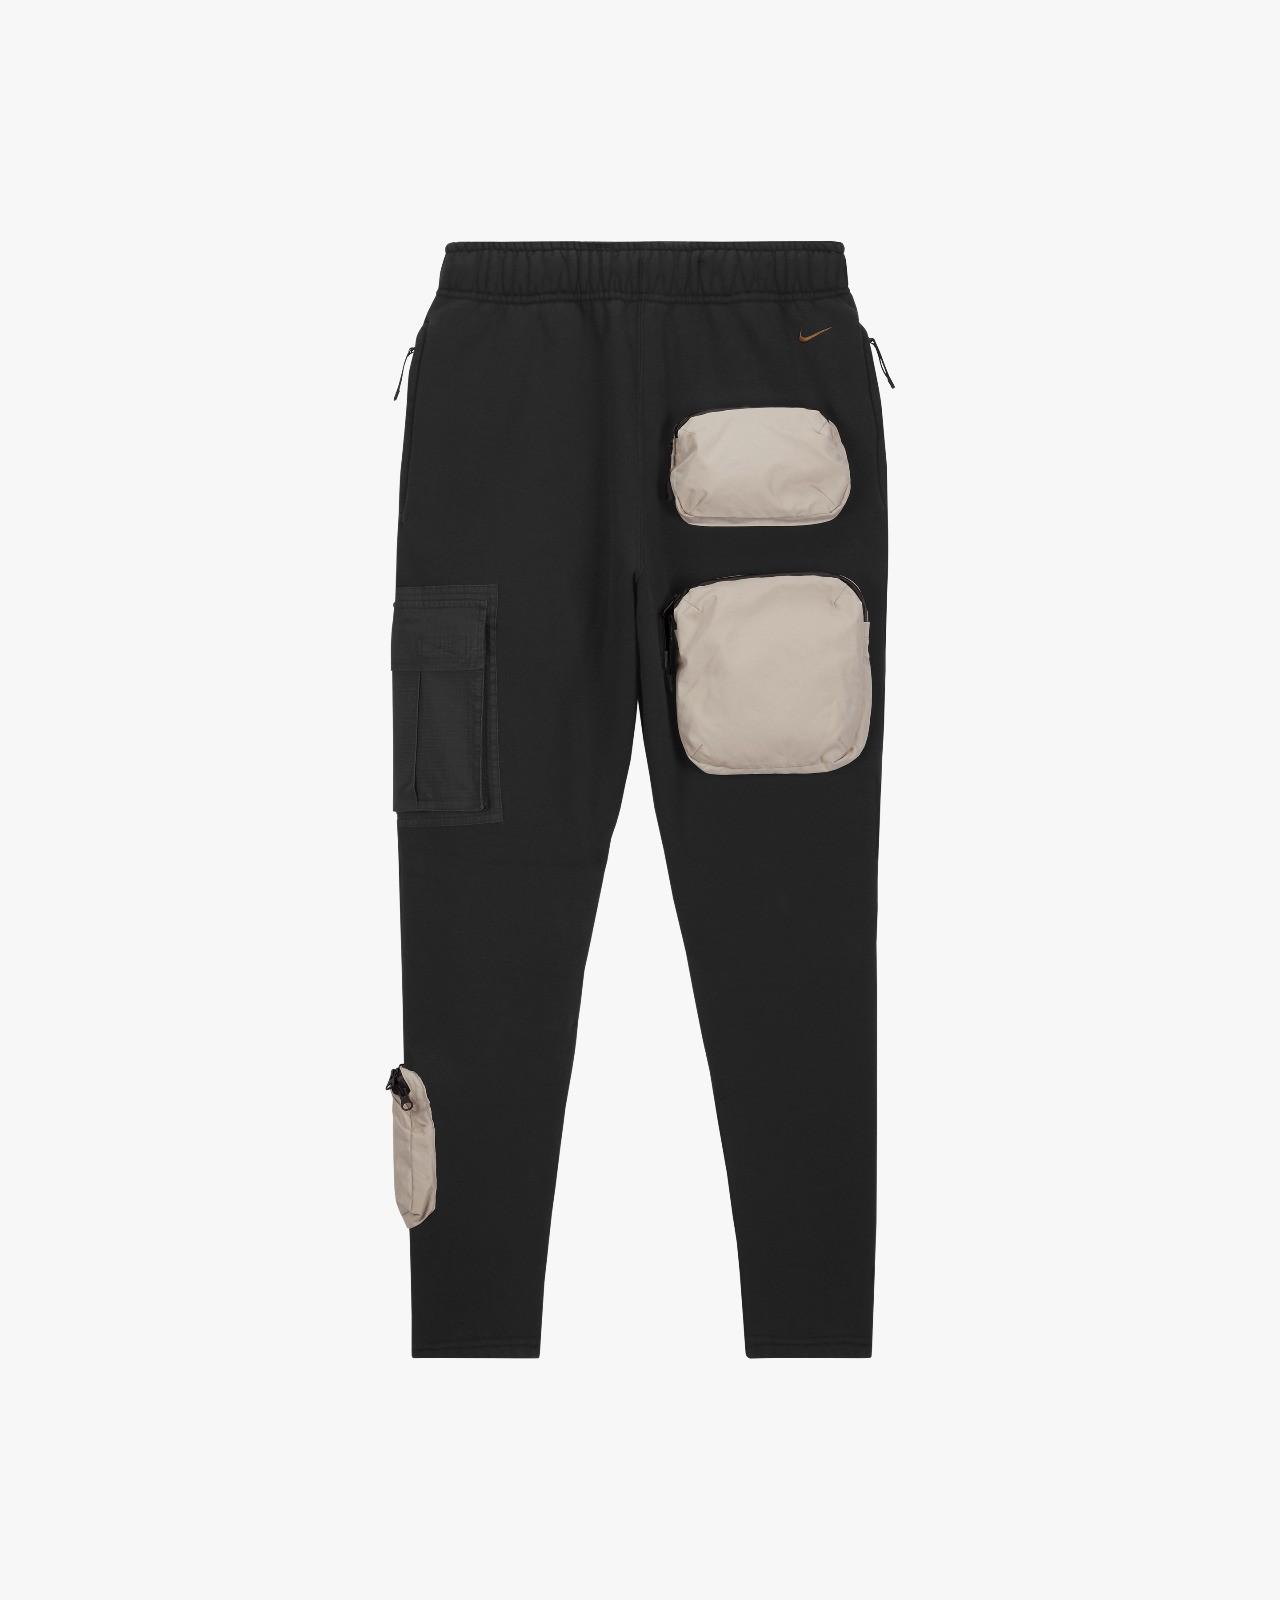 Travis-Scott-x-Nike-Pant